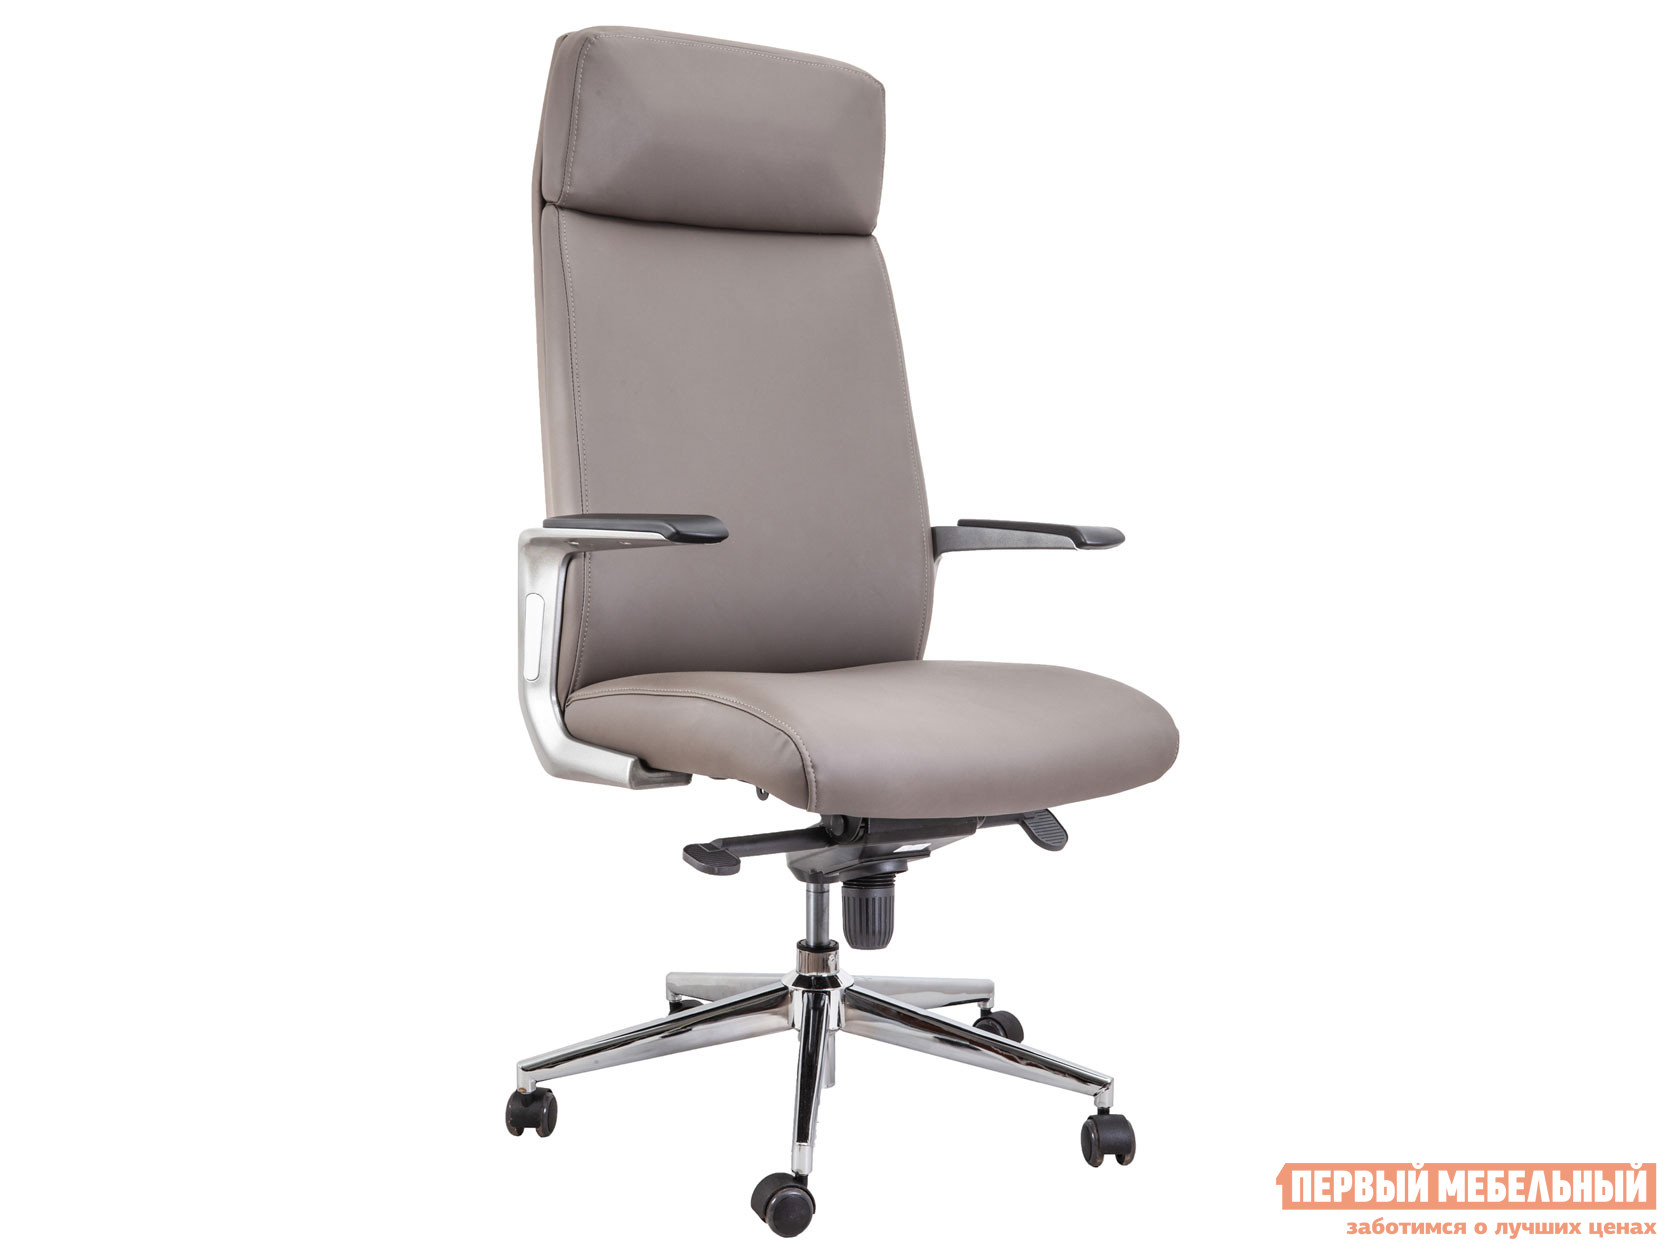 Кресло руководителя Первый Мебельный Кресло руководителя ELADA